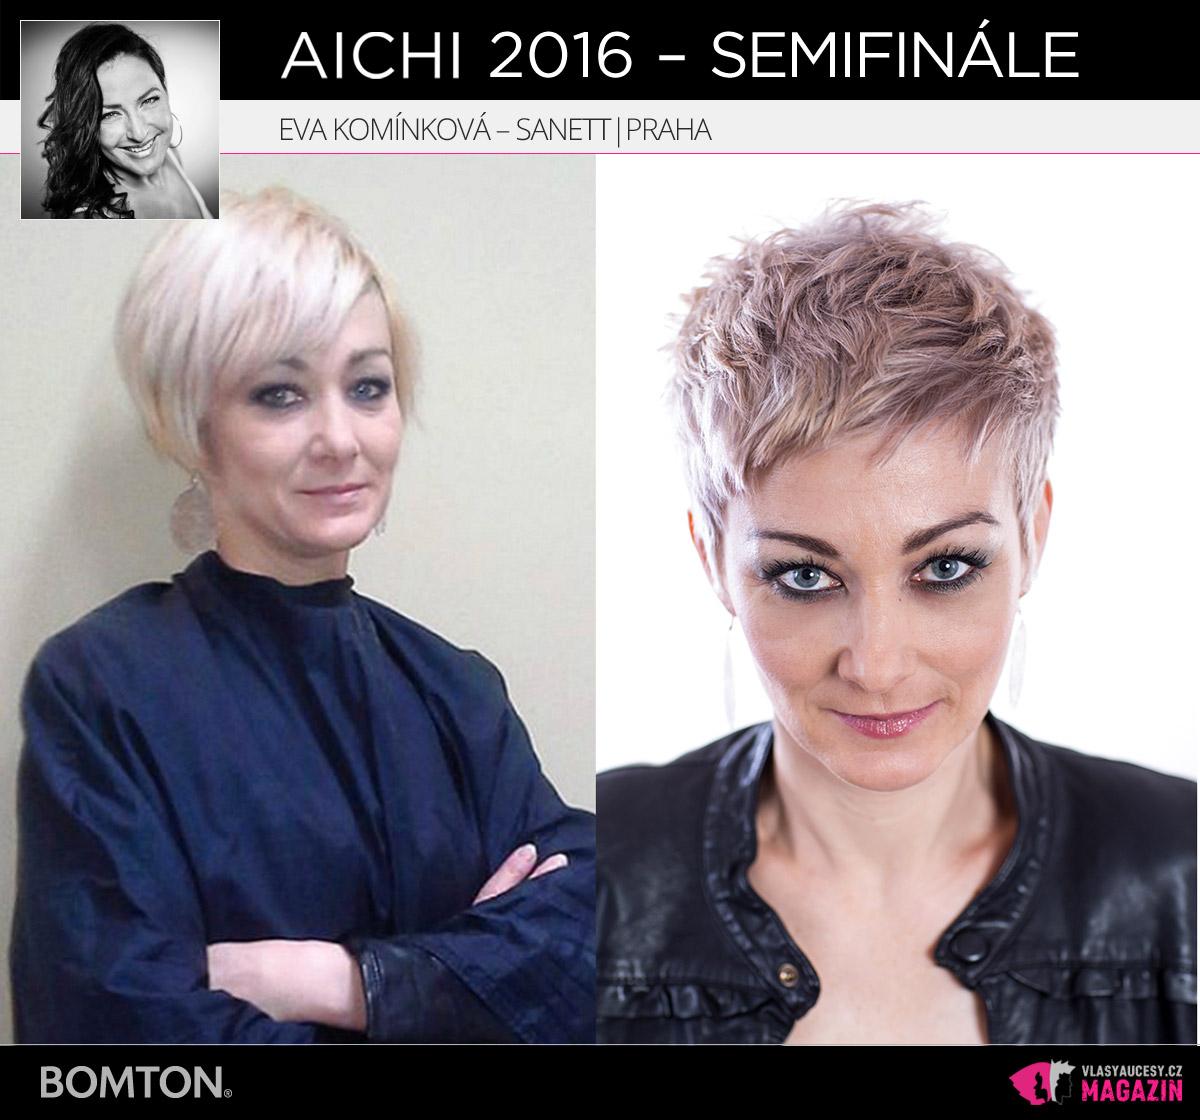 Nominační proměna AICHI 2016: Eva Komínková, Sanett, Praha